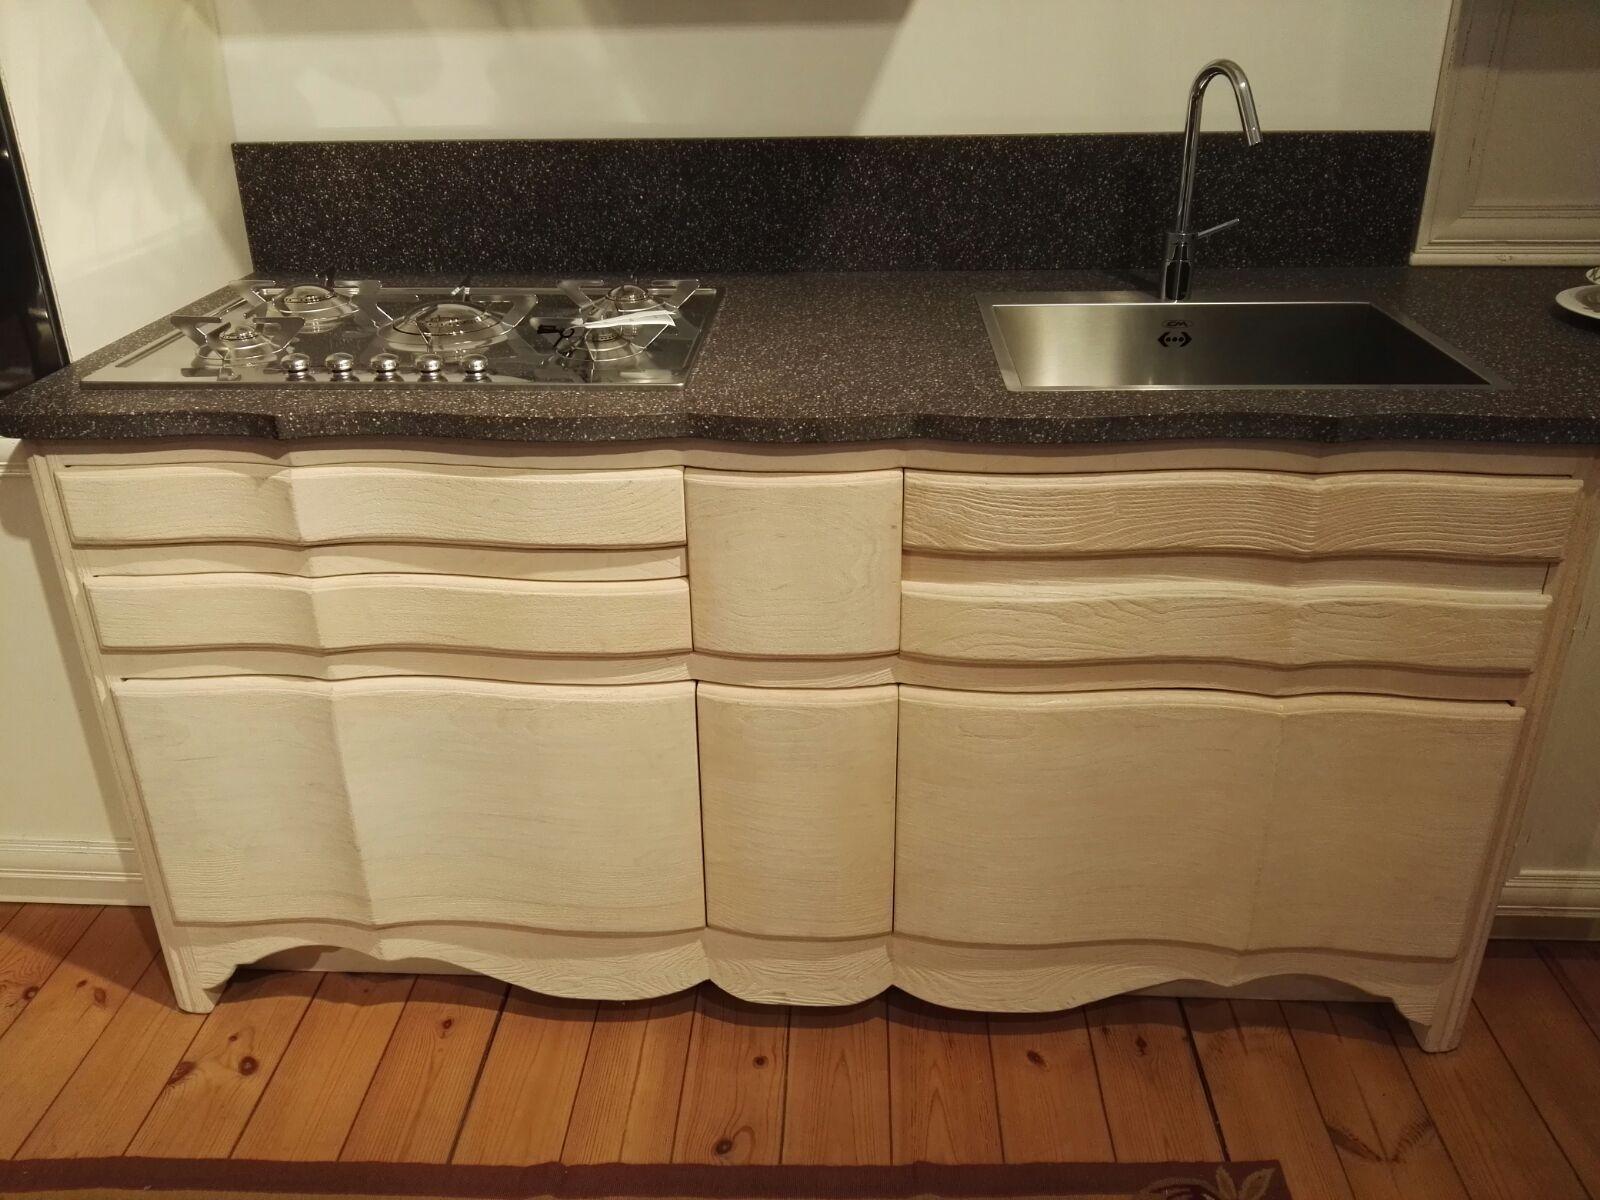 Cucina marchetti modello bordolese in legno massiccio - Blocco cucina ikea ...